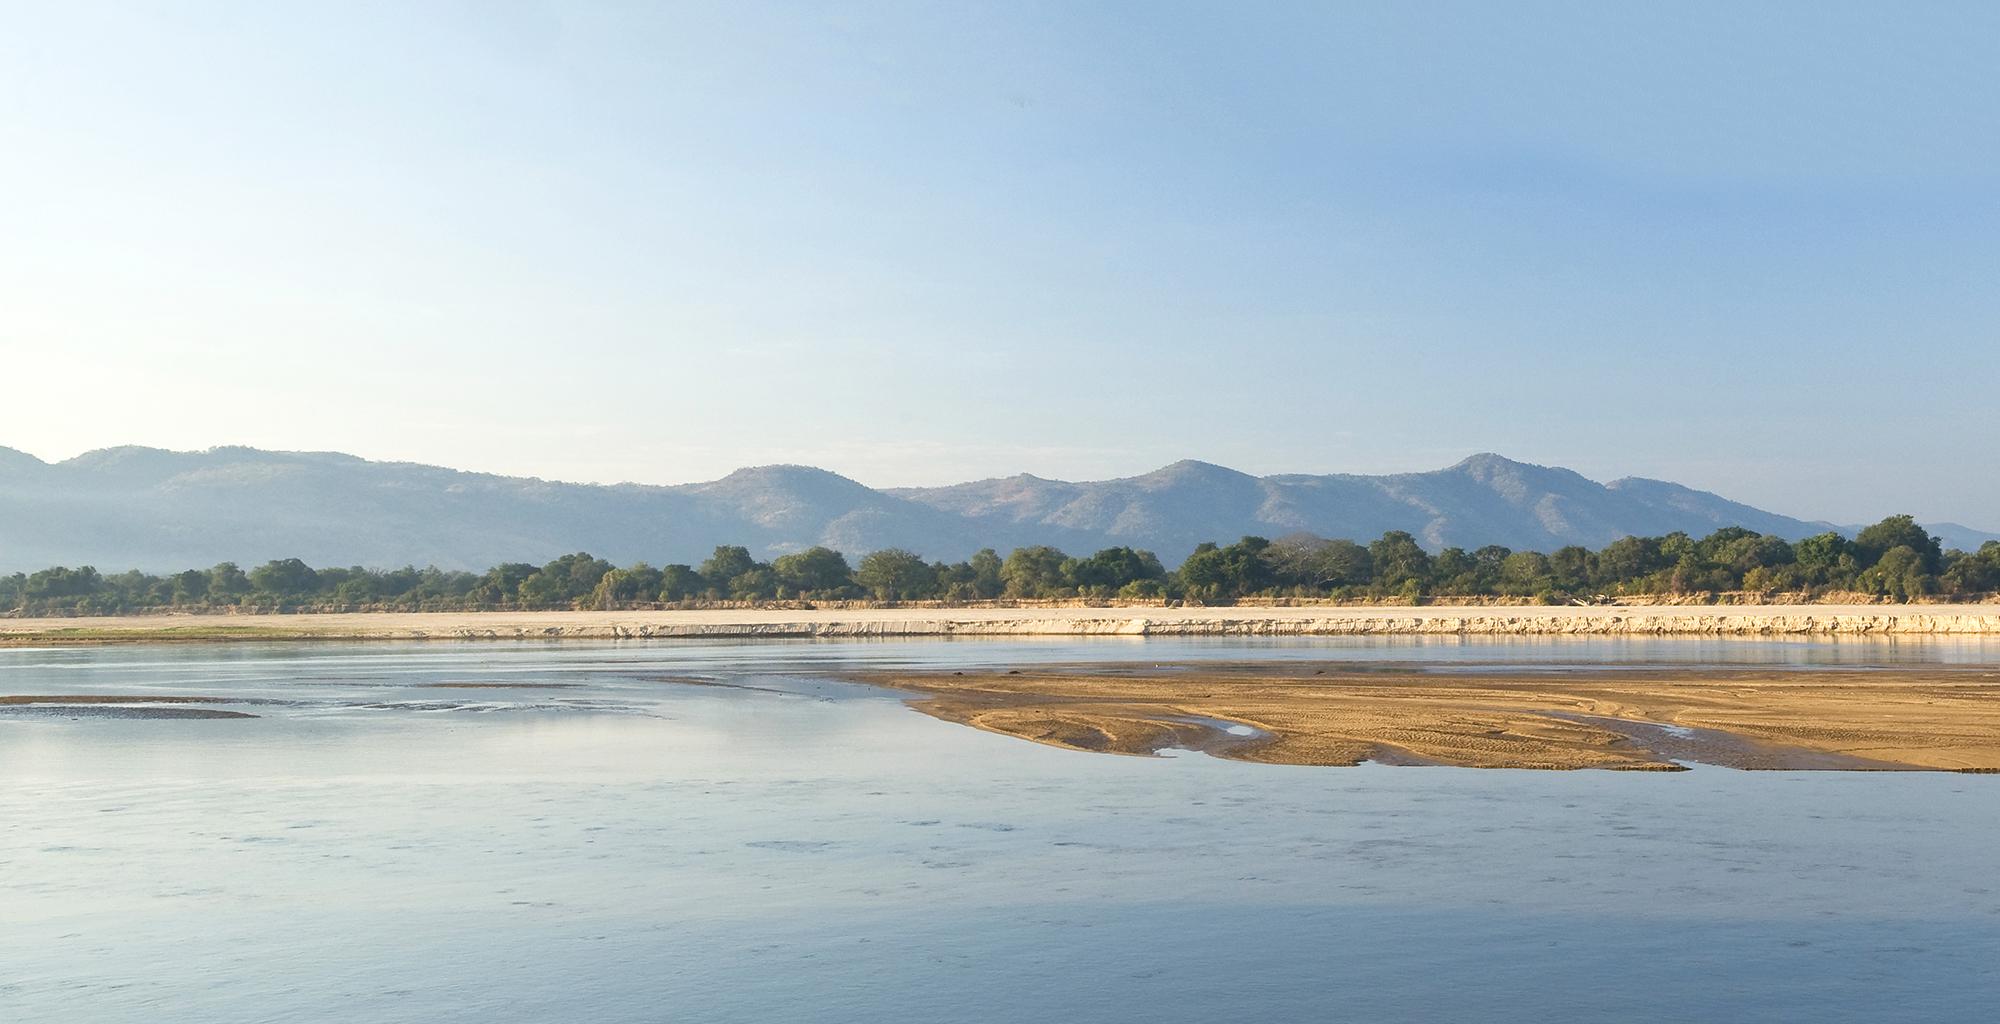 Zambia-Chamilandu-Bushcamp-Landscape